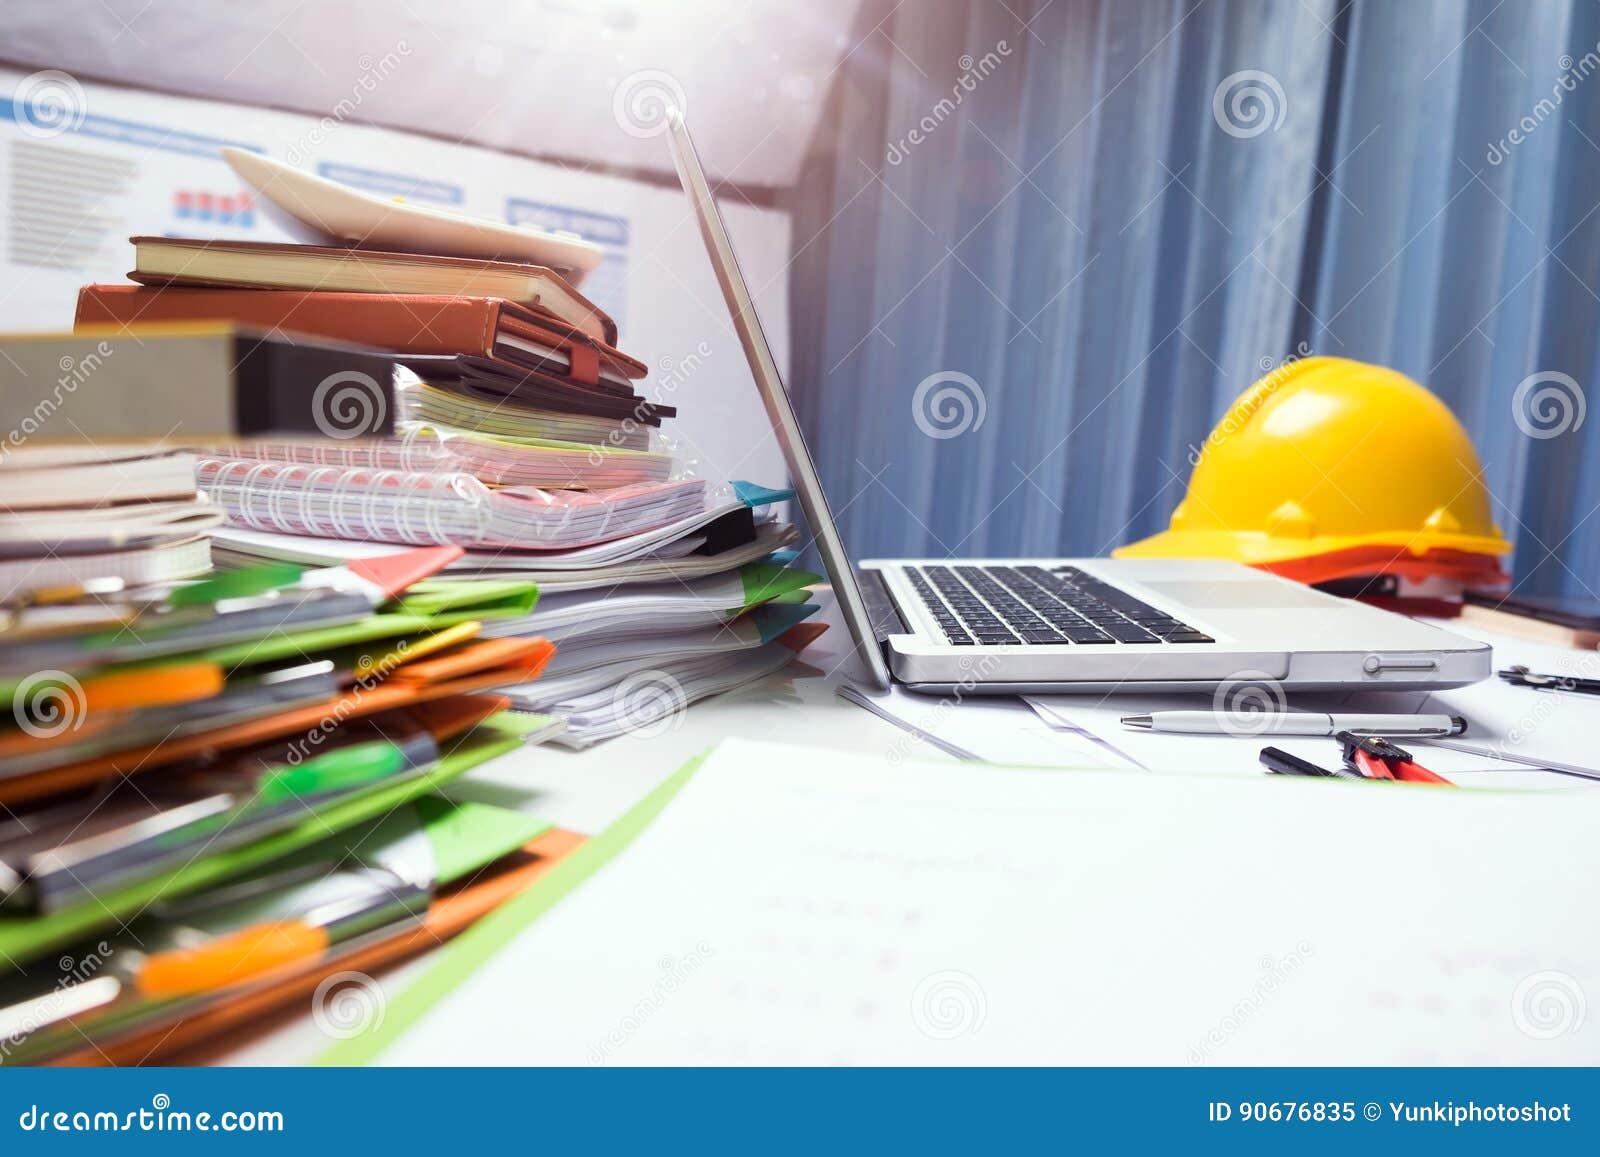 Propiedad que dirige la tableta de trabajo del escritorio del contratista con madera ho